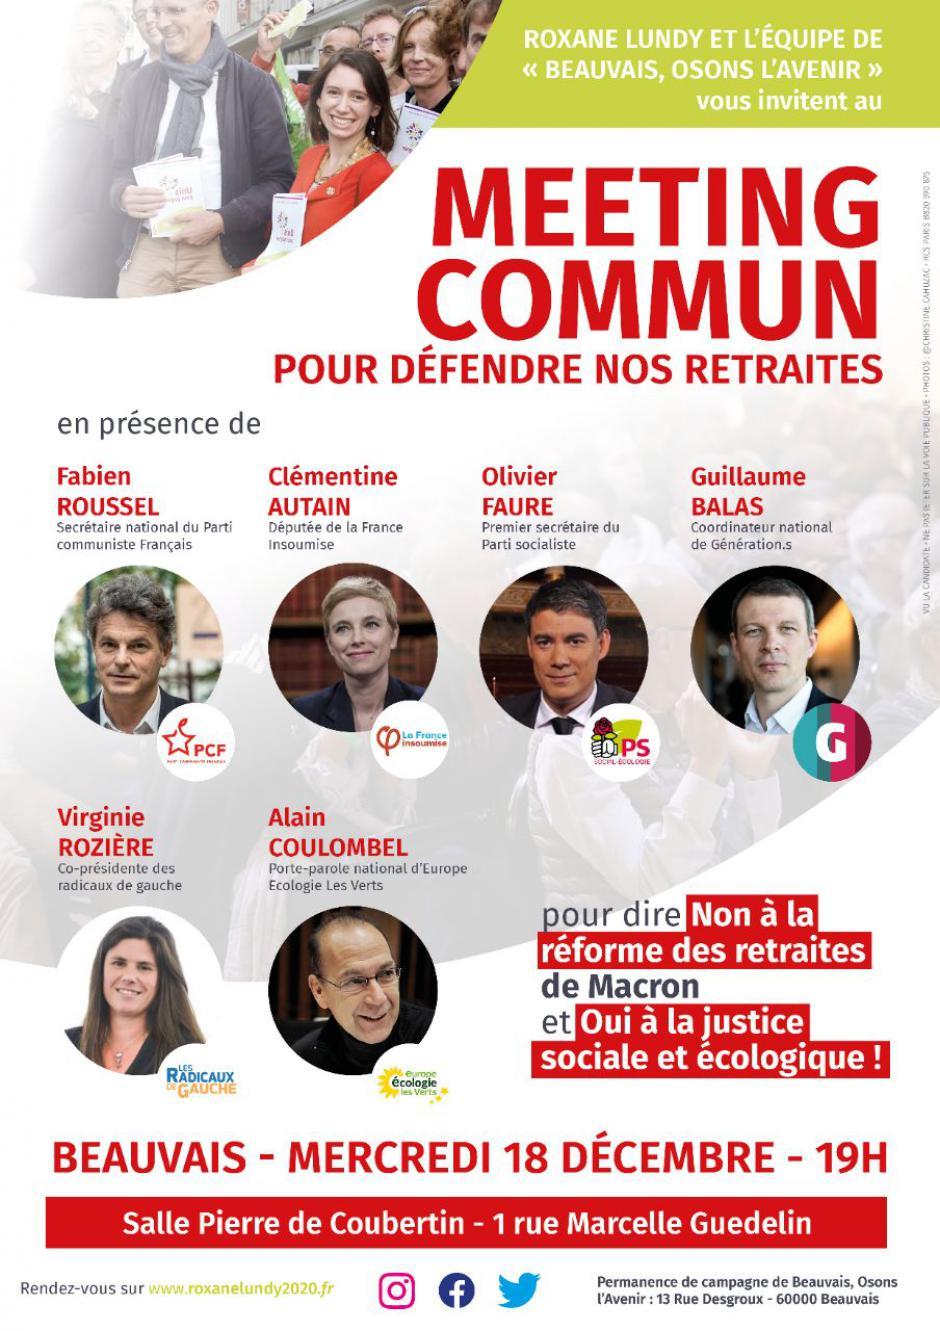 18 décembre, Beauvais - Grand meeting unitaire sur l'avenir des retraites